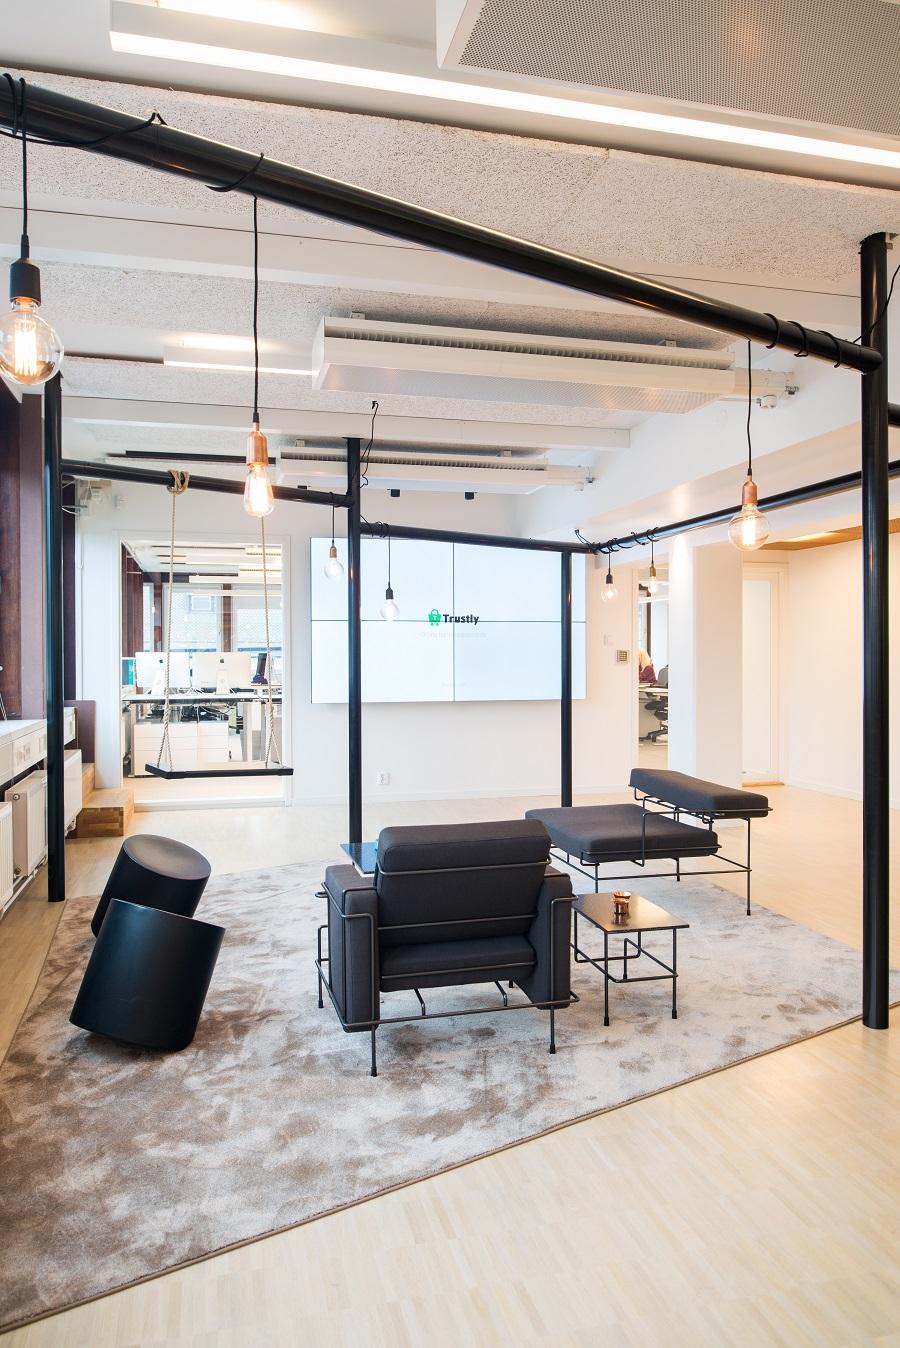 Matta Frame Superior 1064 på Trustlys kontor, projekt av före detta PS Arkitektur.